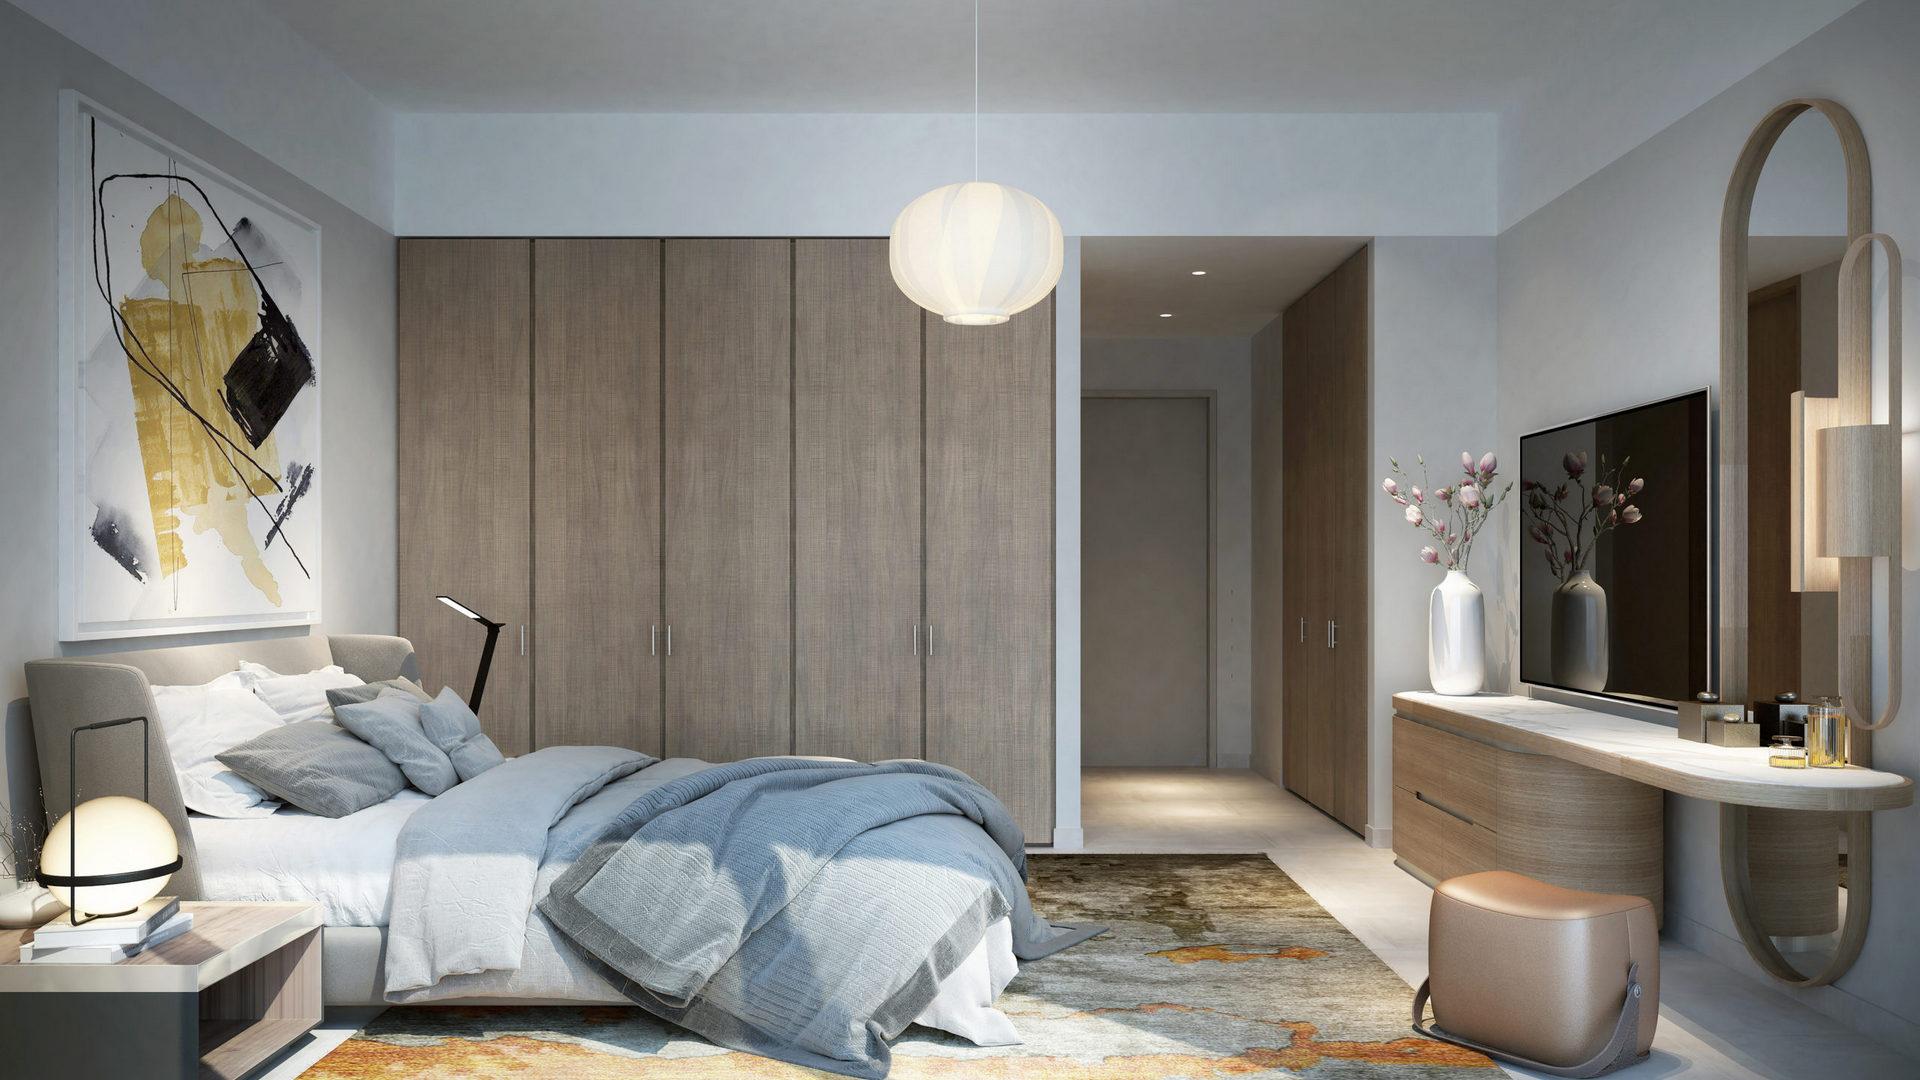 Villa en venta en Dubai, EAU, 4 dormitorios, 217 m2, № 24668 – foto 4